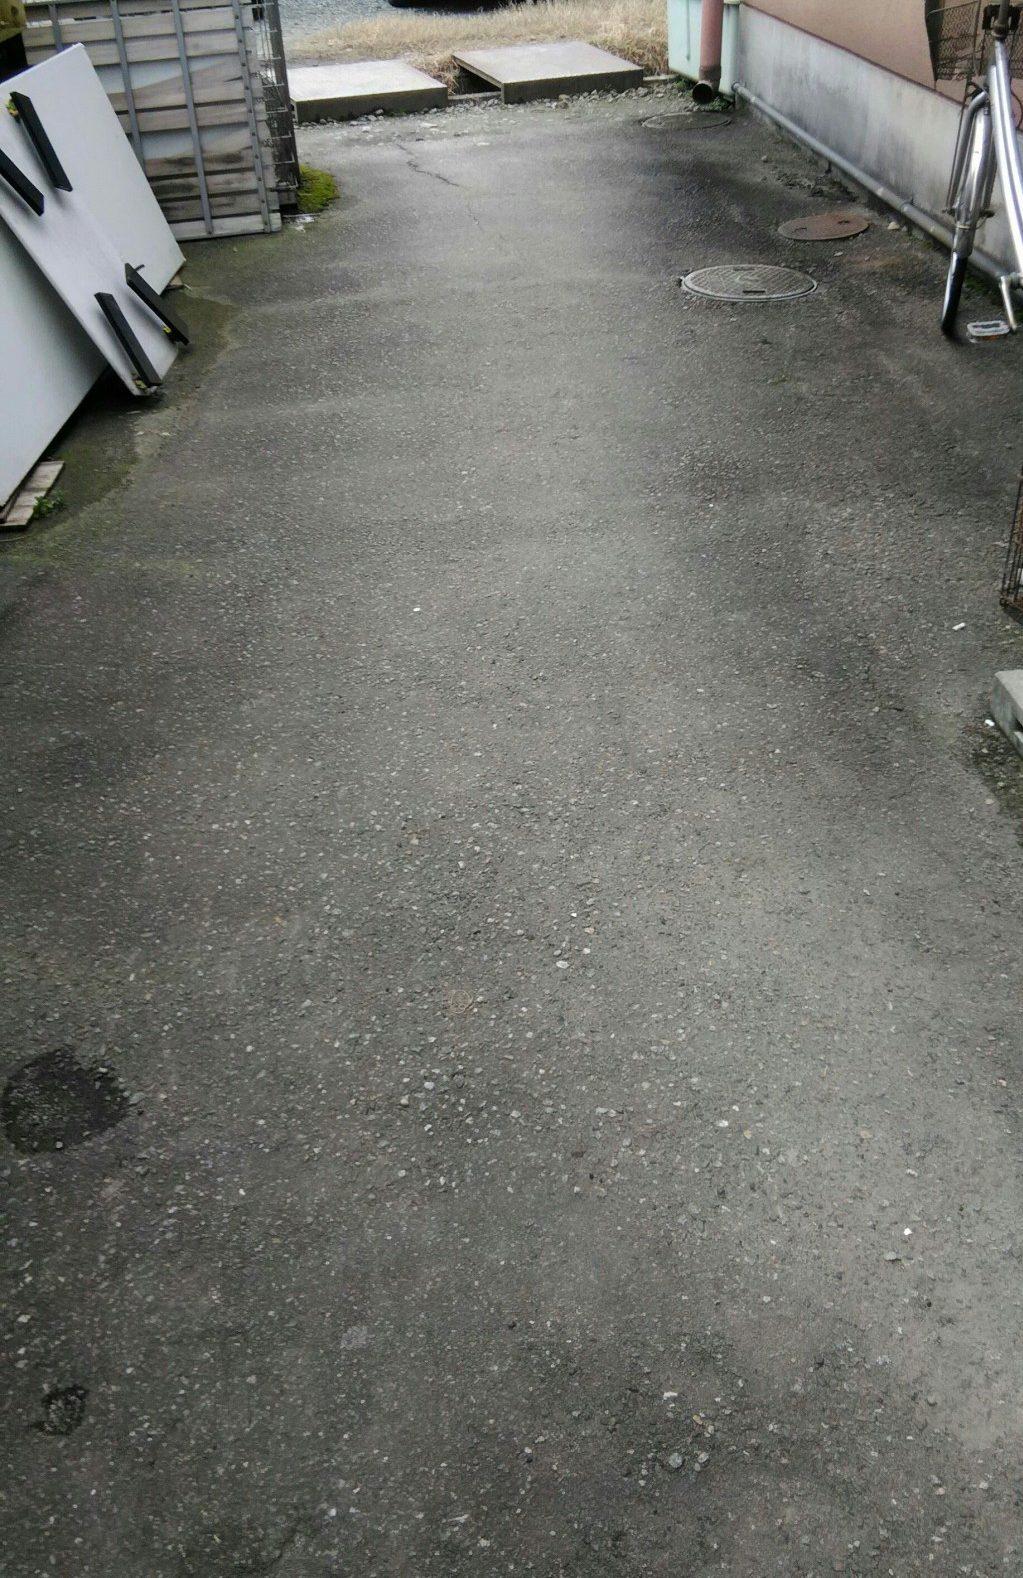 【富山市】自転車1台の回収・処分 お客様の声